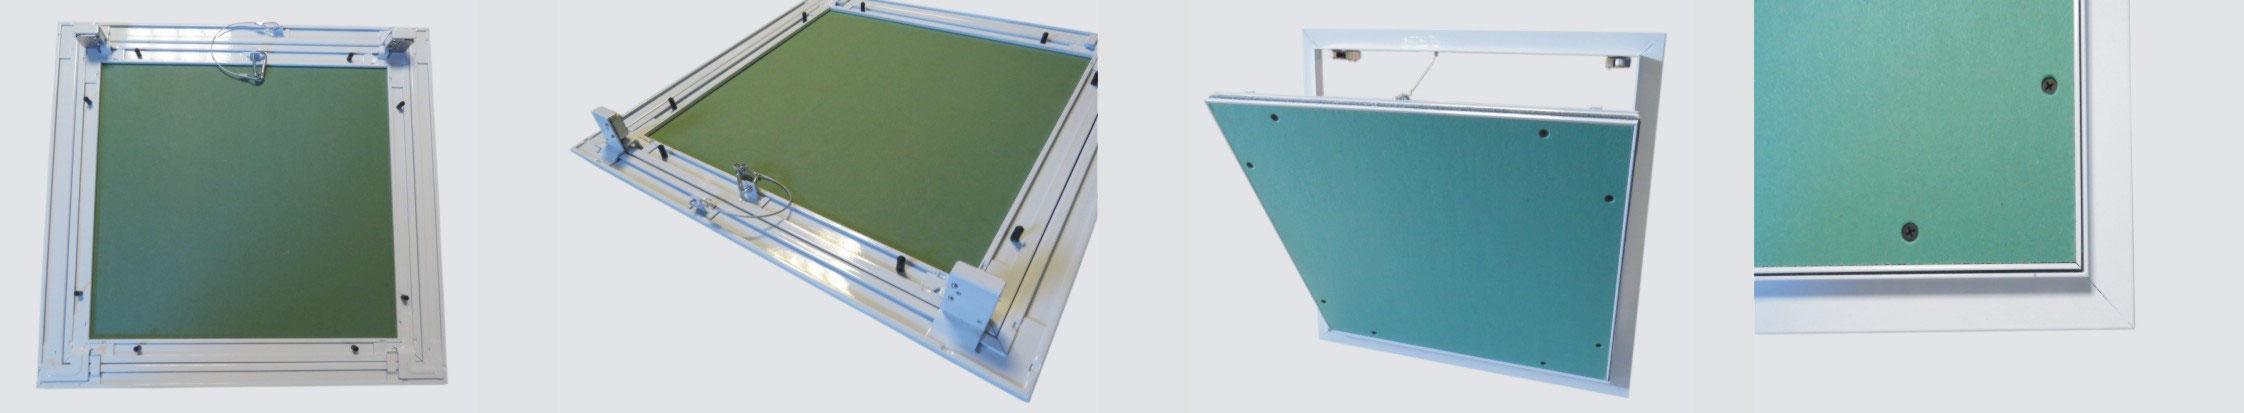 Revisionsklappe The White Edition 500x500mm mit 12,5mm GK-Einlage